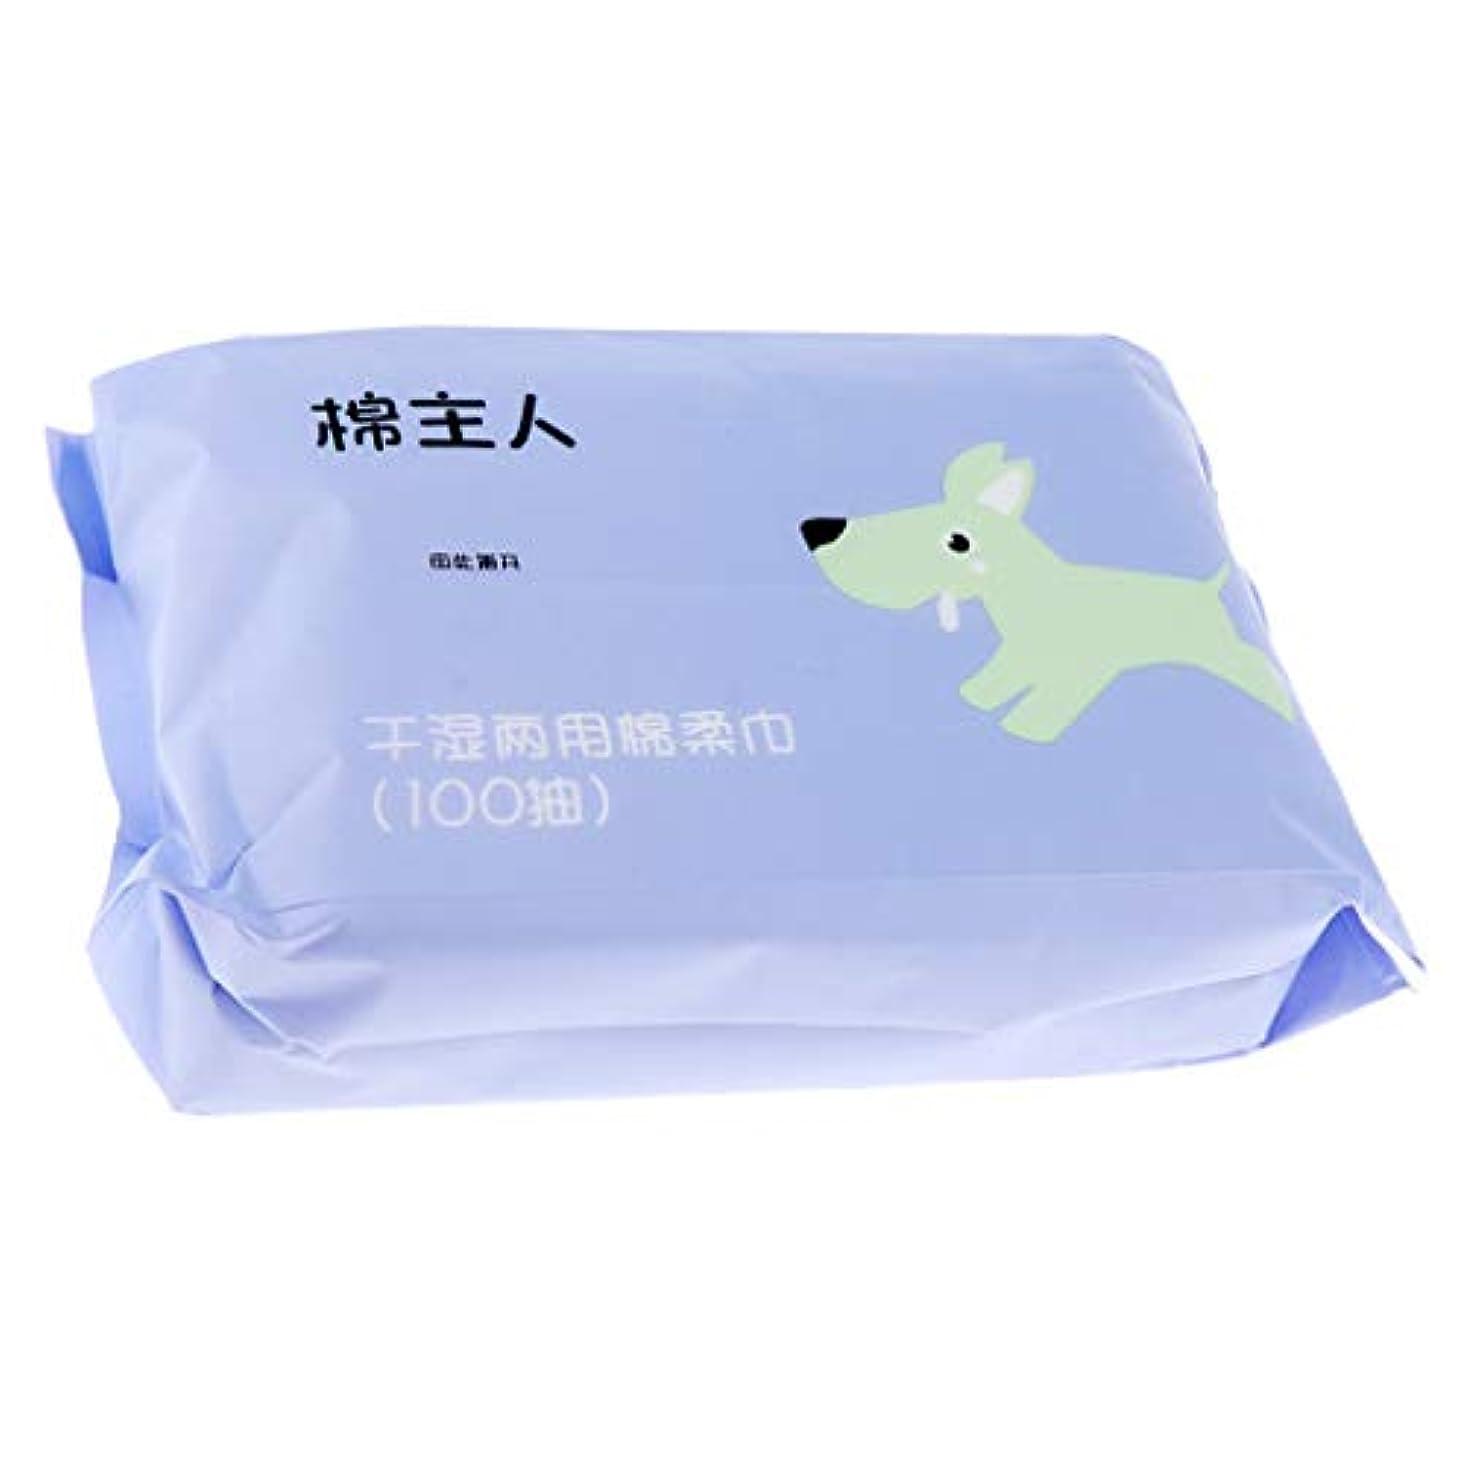 クレーター細菌帳面P Prettyia 約100枚 使い捨て クレンジングシート ソフト 2色選べ  - 青紫